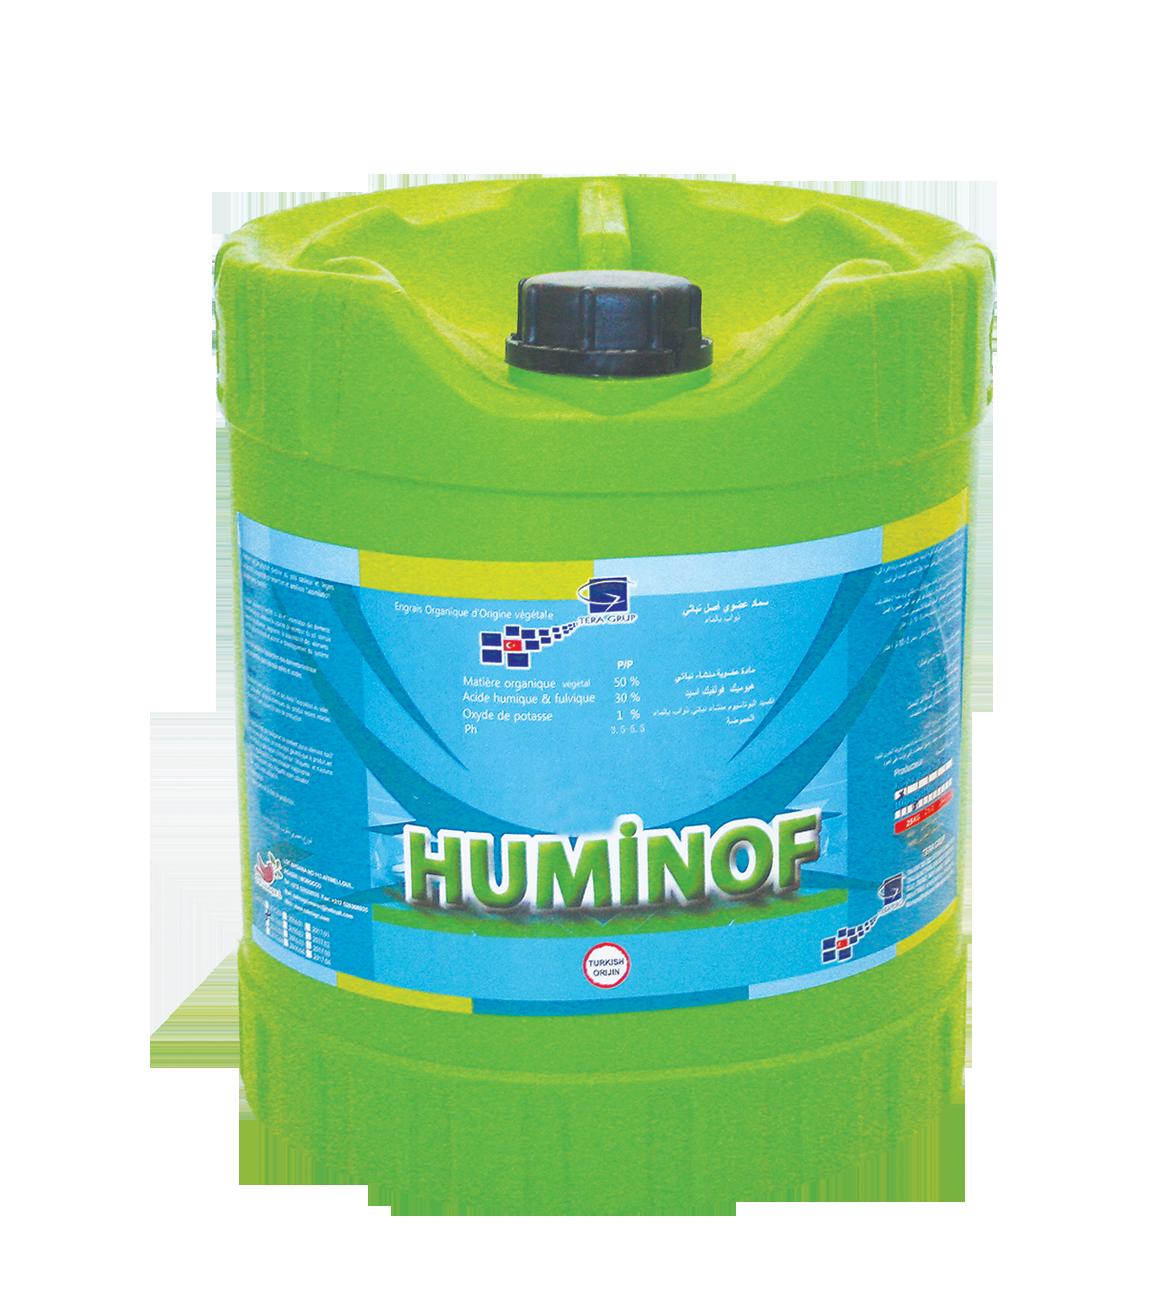 HUMINOF